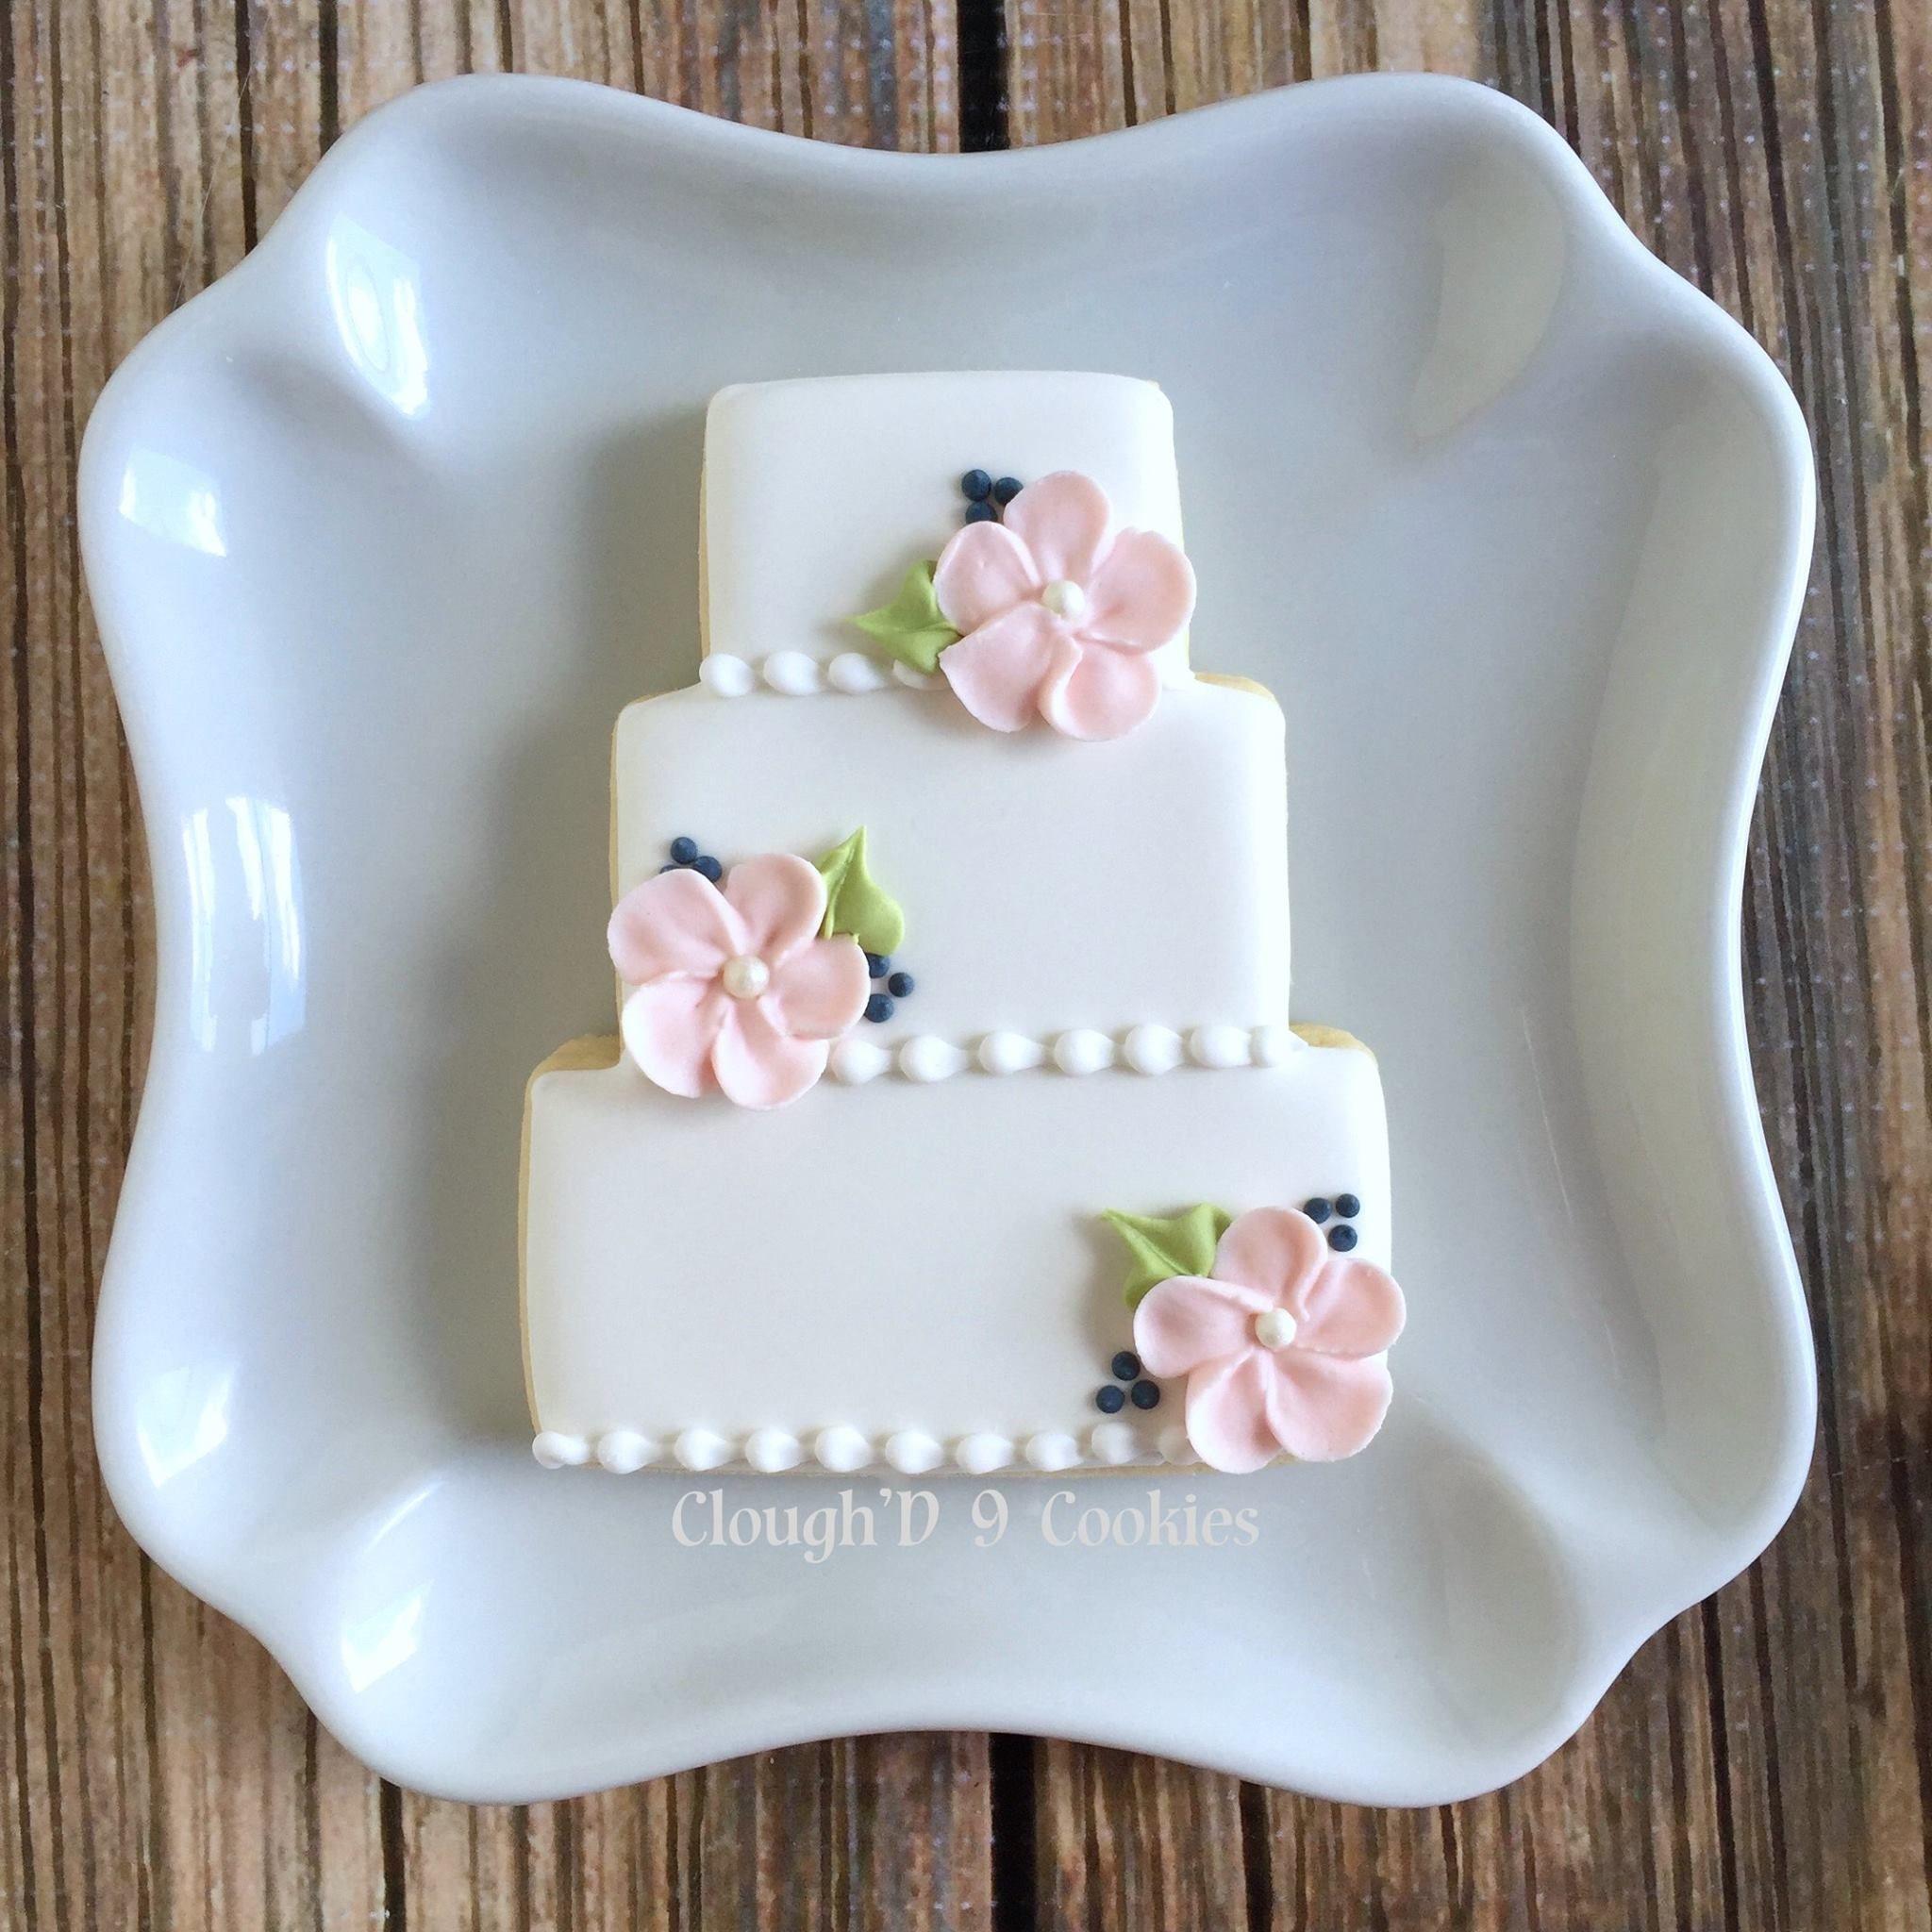 Clough'D 9 Cookies & Sweets Wedding cake cookies, Bridal